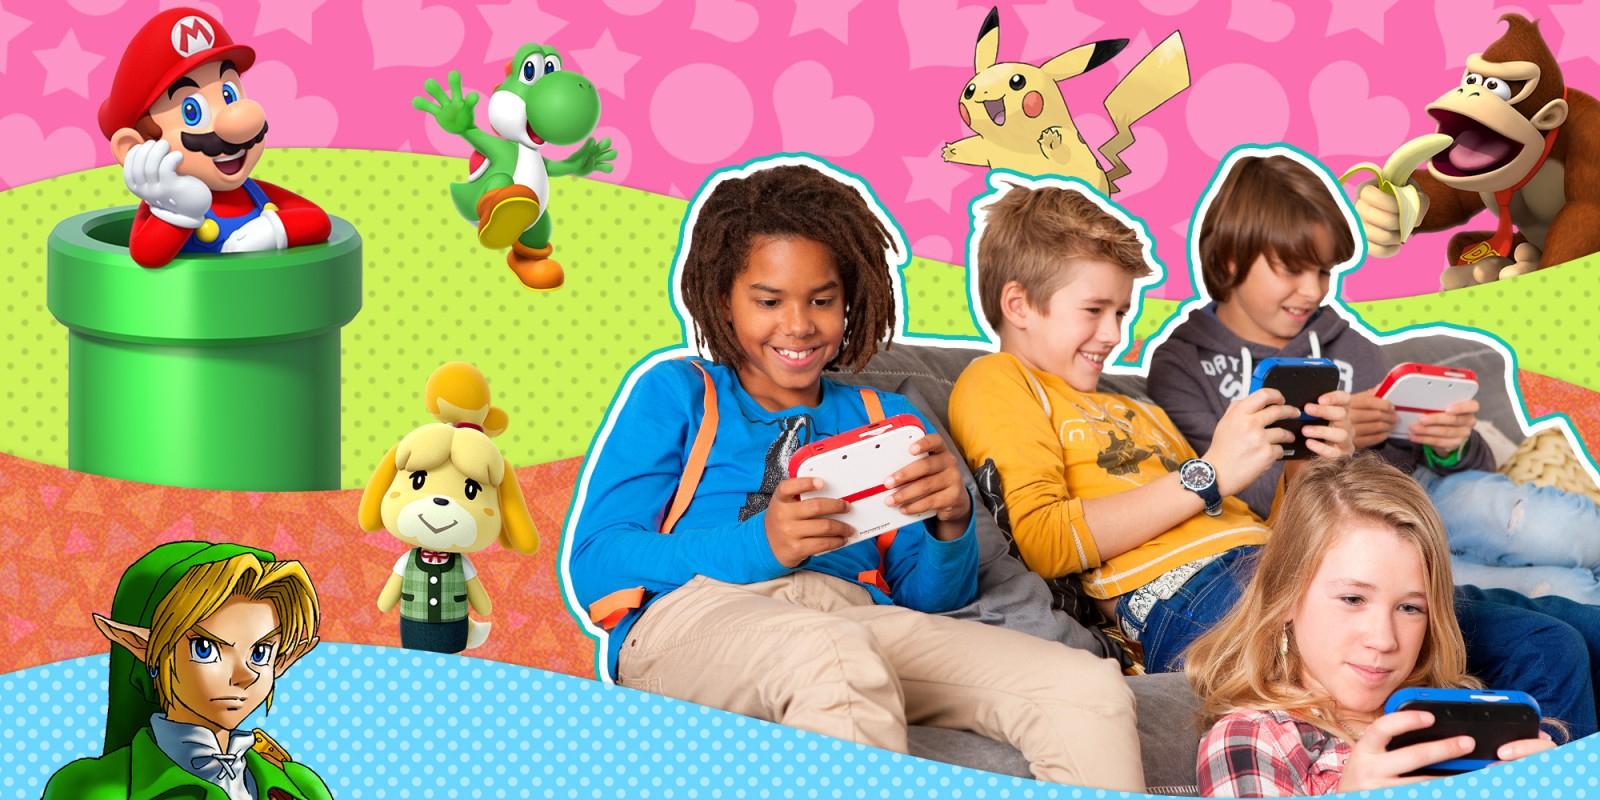 Jeux Nintendo Pour Les Enfants | Nintendo tout Jeux Gratuits Pour Enfants De 5 Ans